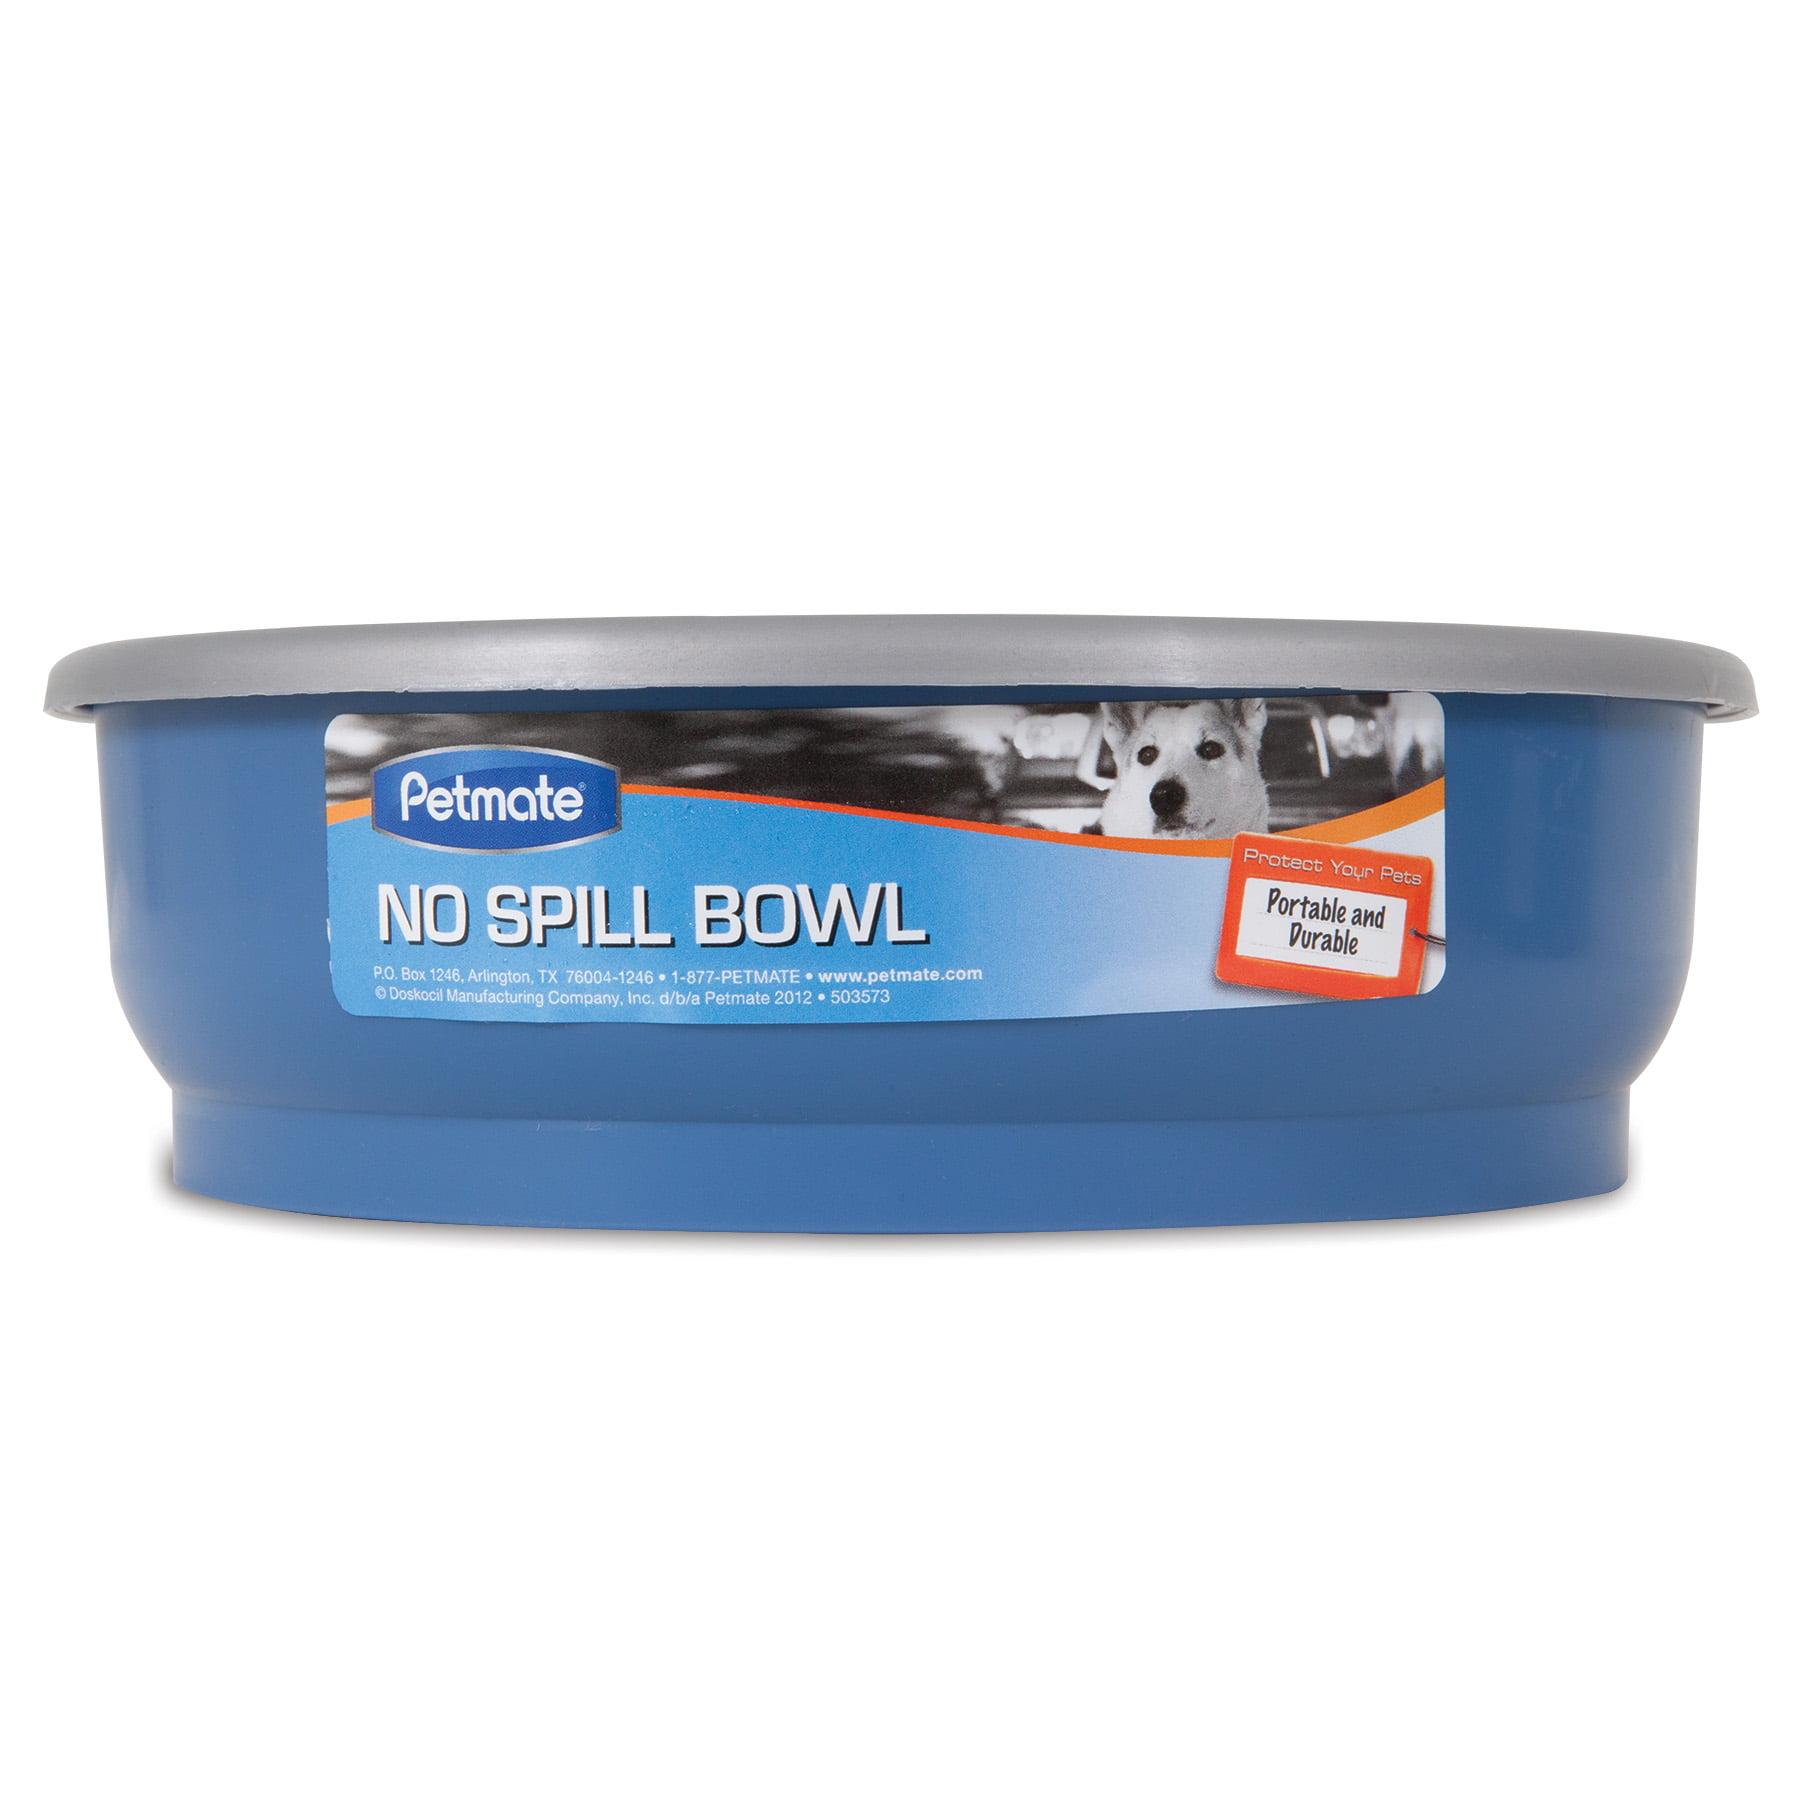 PETMATE NO SPILL BOWL BLUE /& GREY SPLASH PROOF DESIGN 48 OZ FREE SHIP TO USA